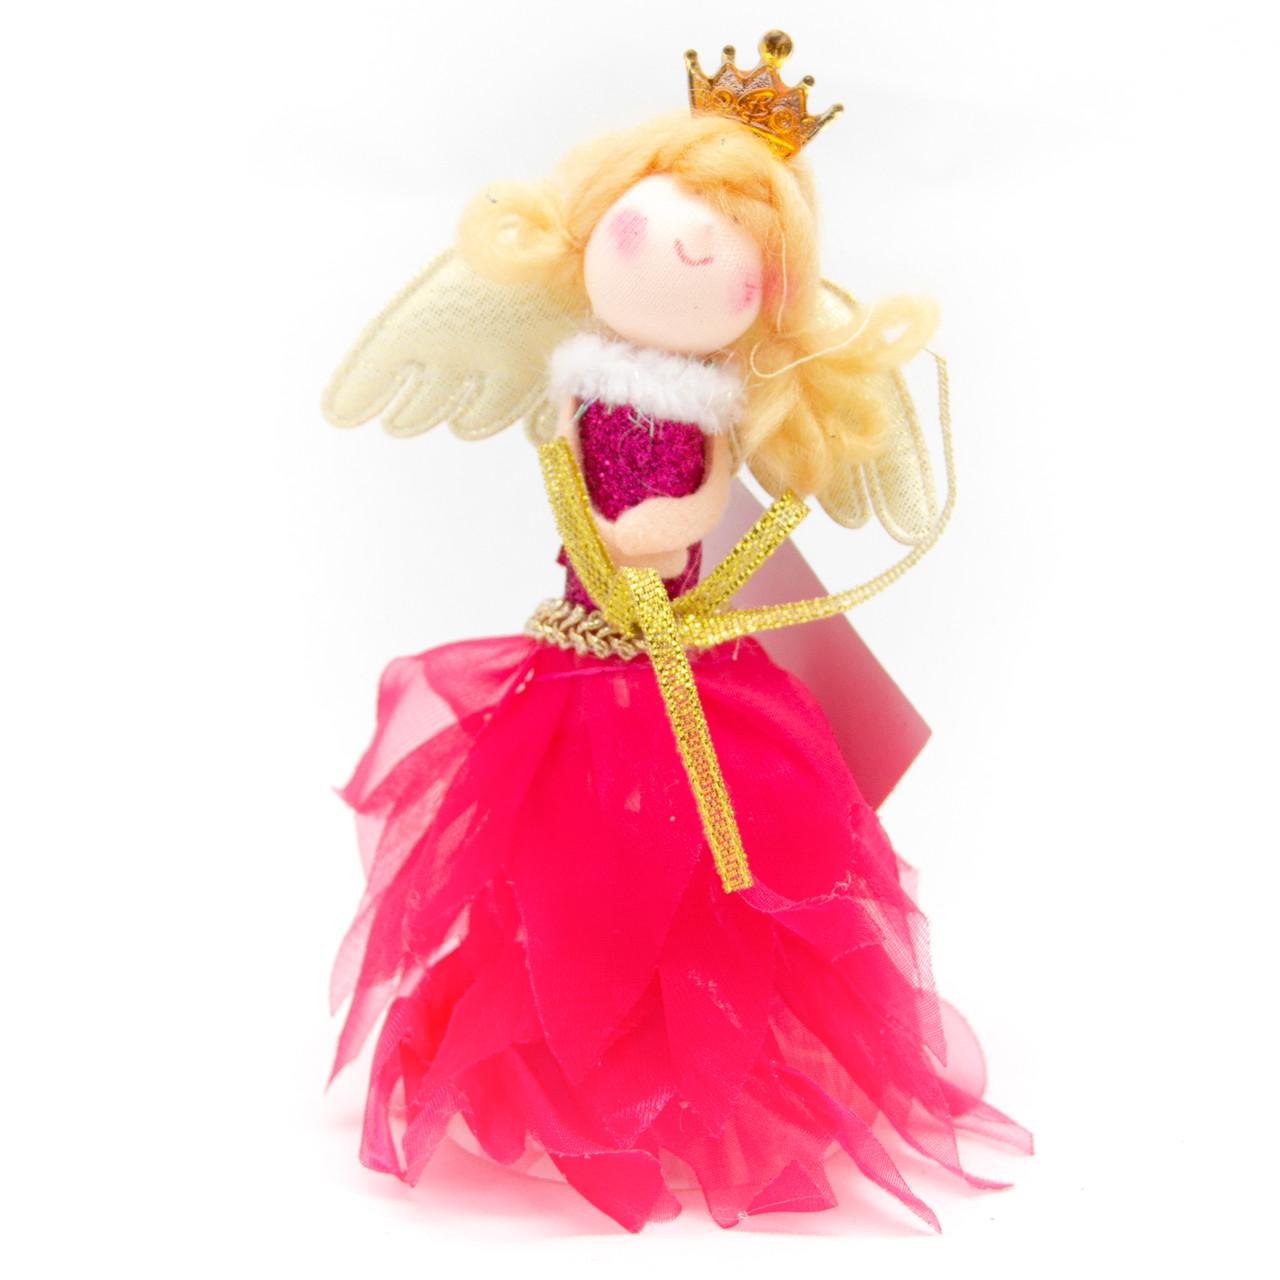 Елочная игрушка - ангелочек, 14см, в красном платье (220747-1)